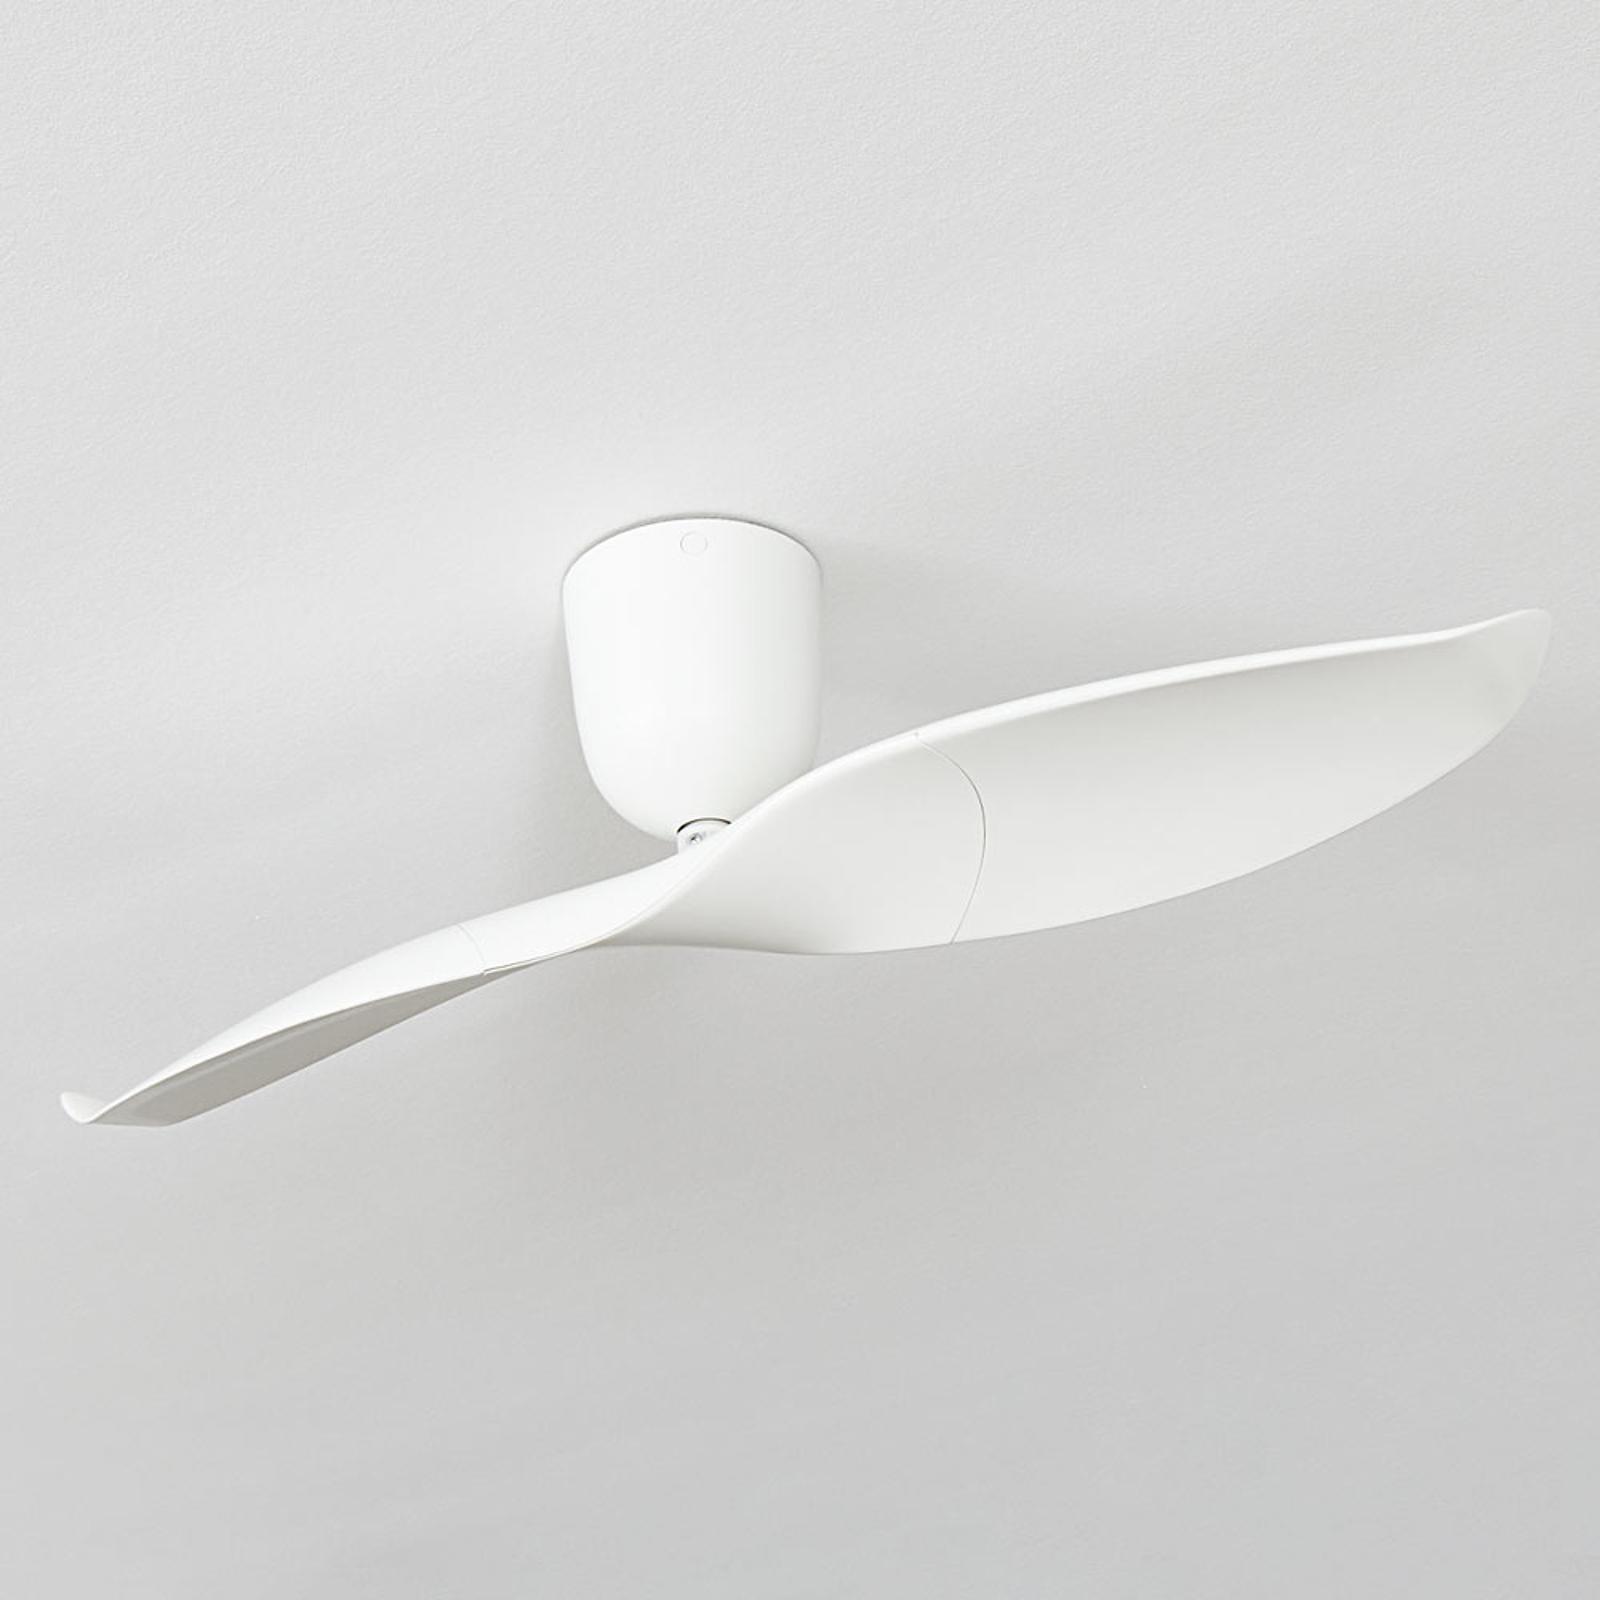 Aeratron ventilador de techo AE2+, 109 cm, blanco